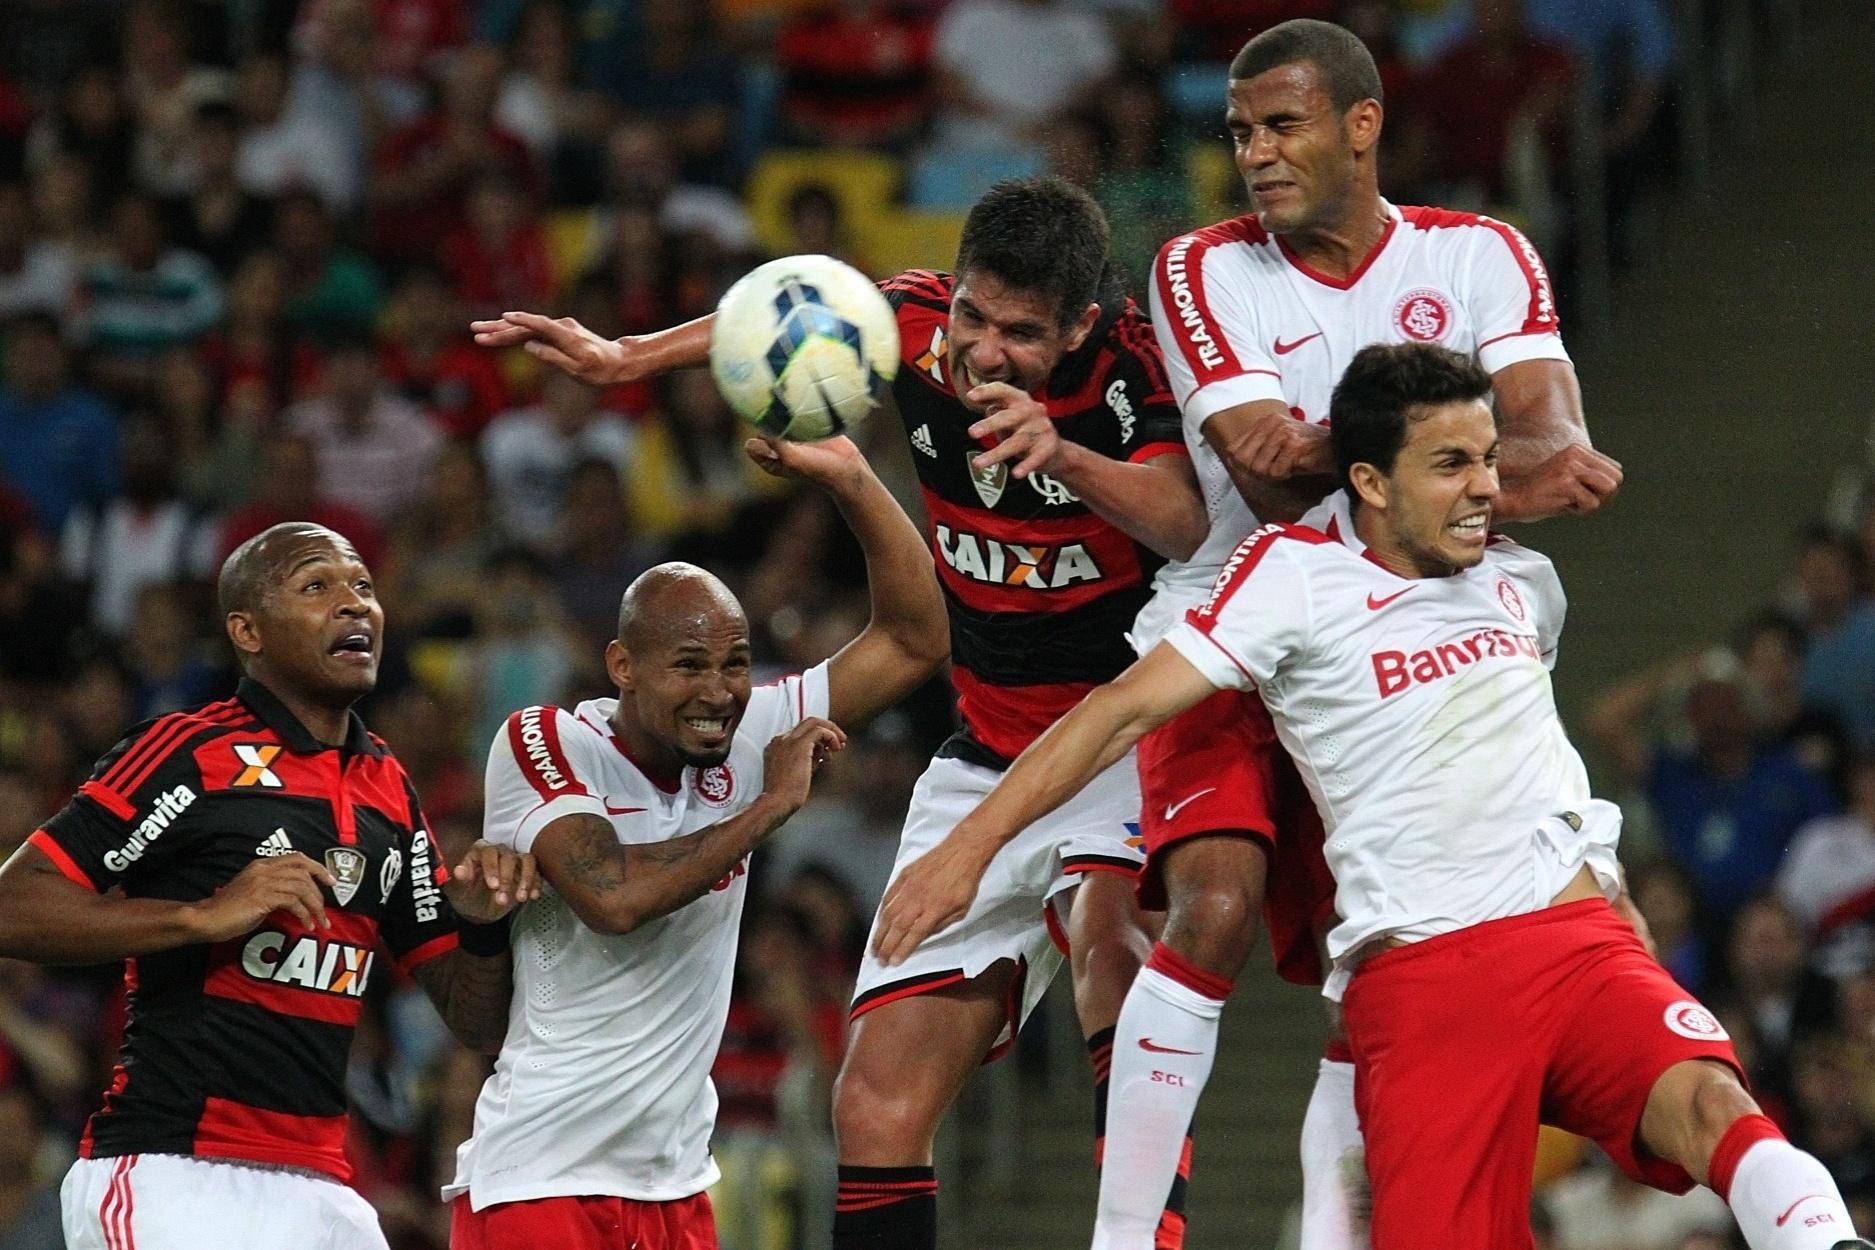 Jogadores de Flamengo e Inter disputam bola de cabeça em jogo do Brasileirão